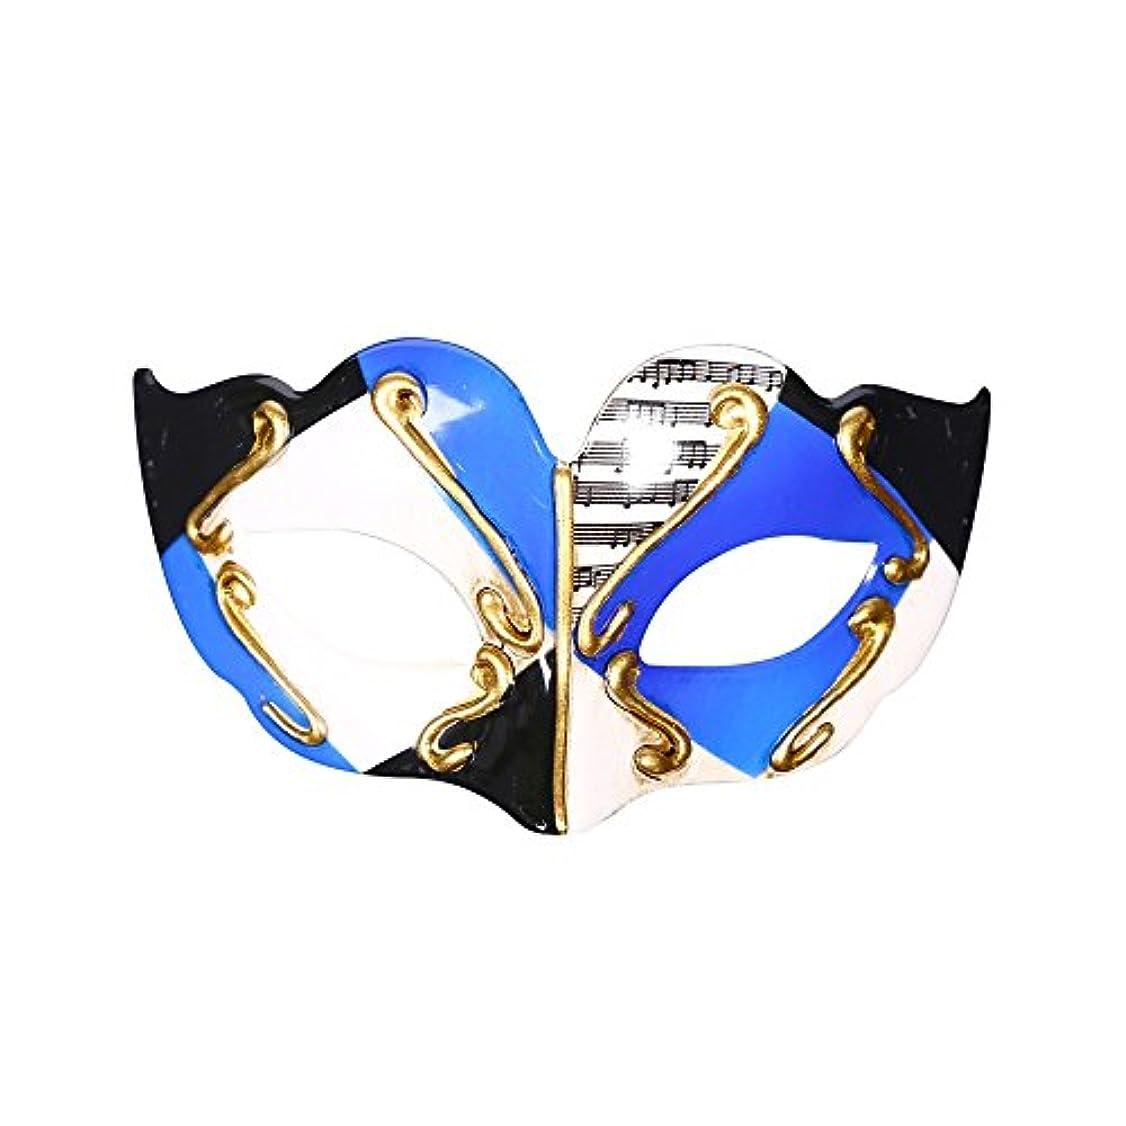 賞ファイル空のハロウィーン仮装マスクフラットヘッドハーフフェイスハードプラスチック子供用マスク (Color : #2)